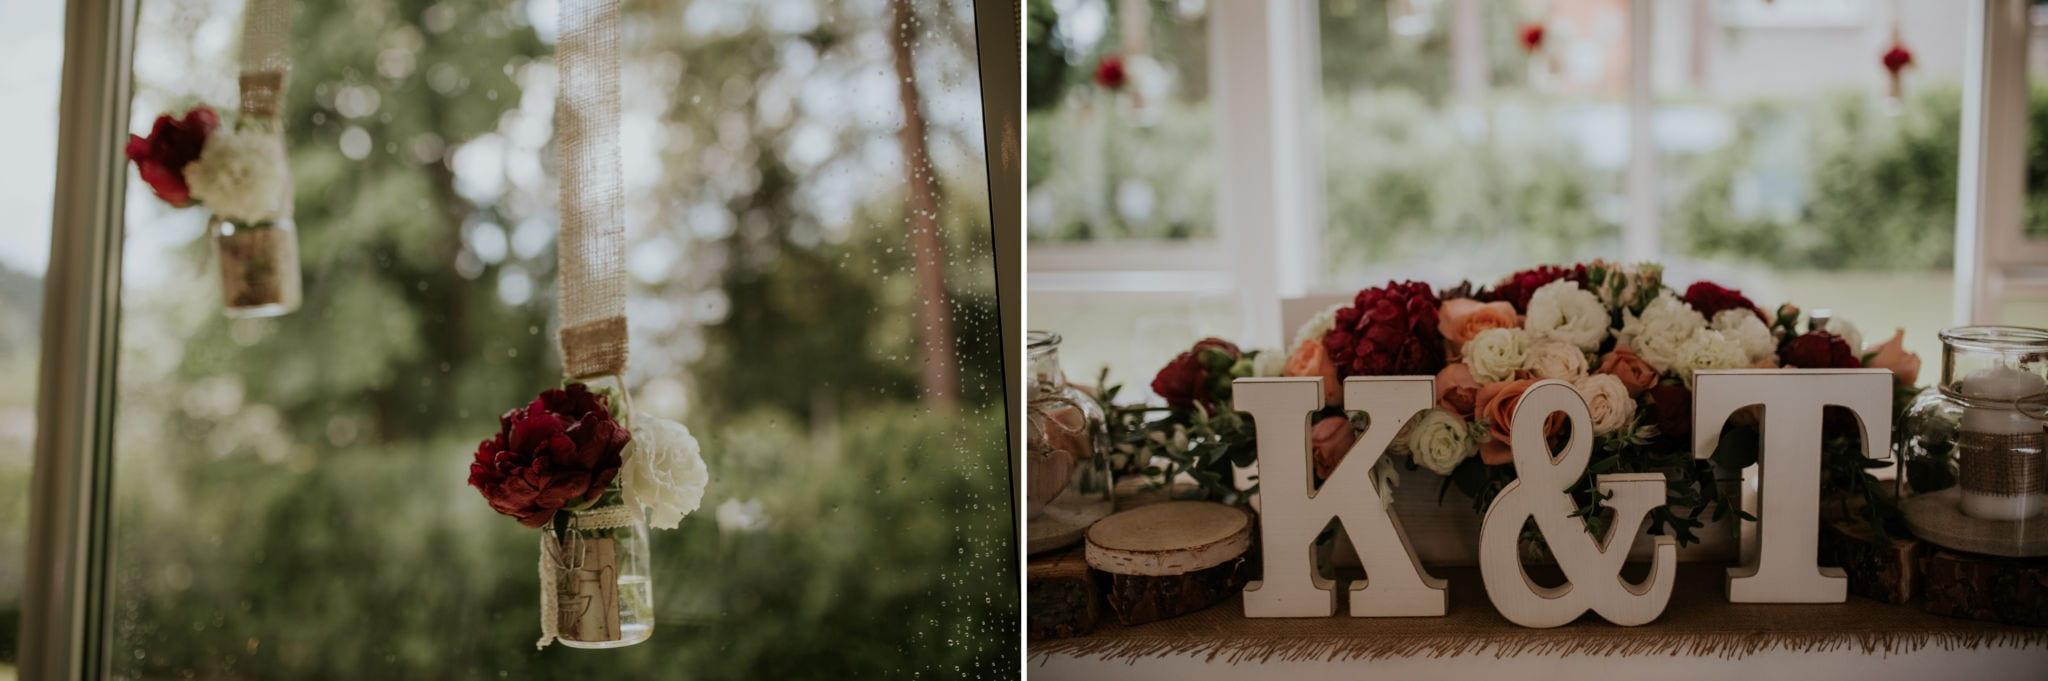 Kasia & Tomek <br>Ślub w Szczyrku 248